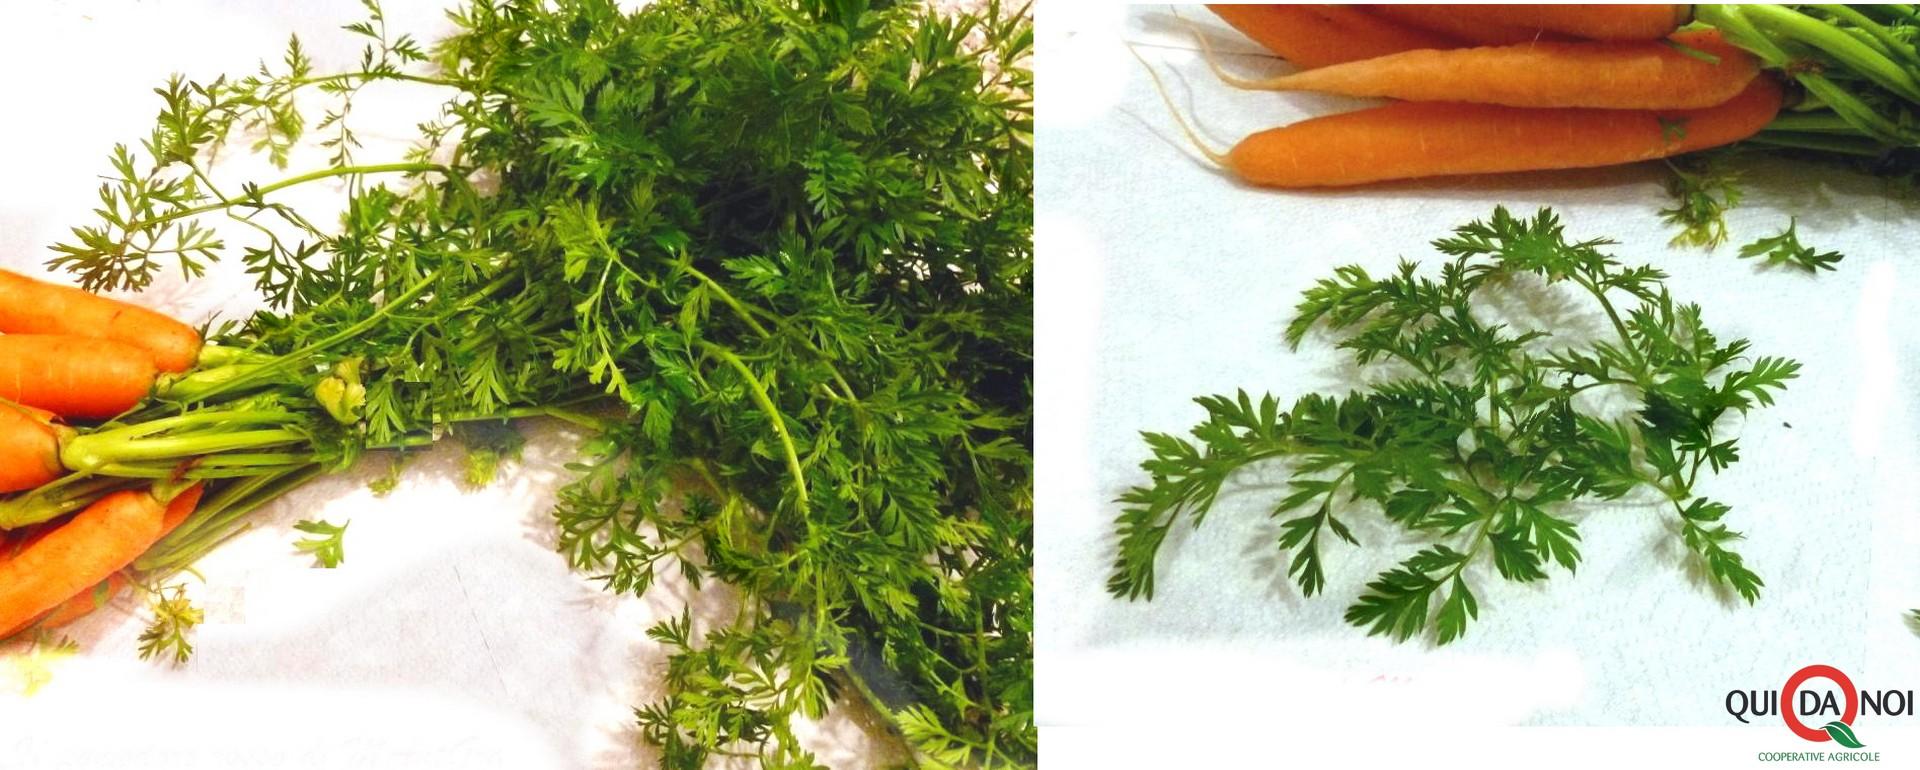 Frittata di foglie di carote step- Grassi